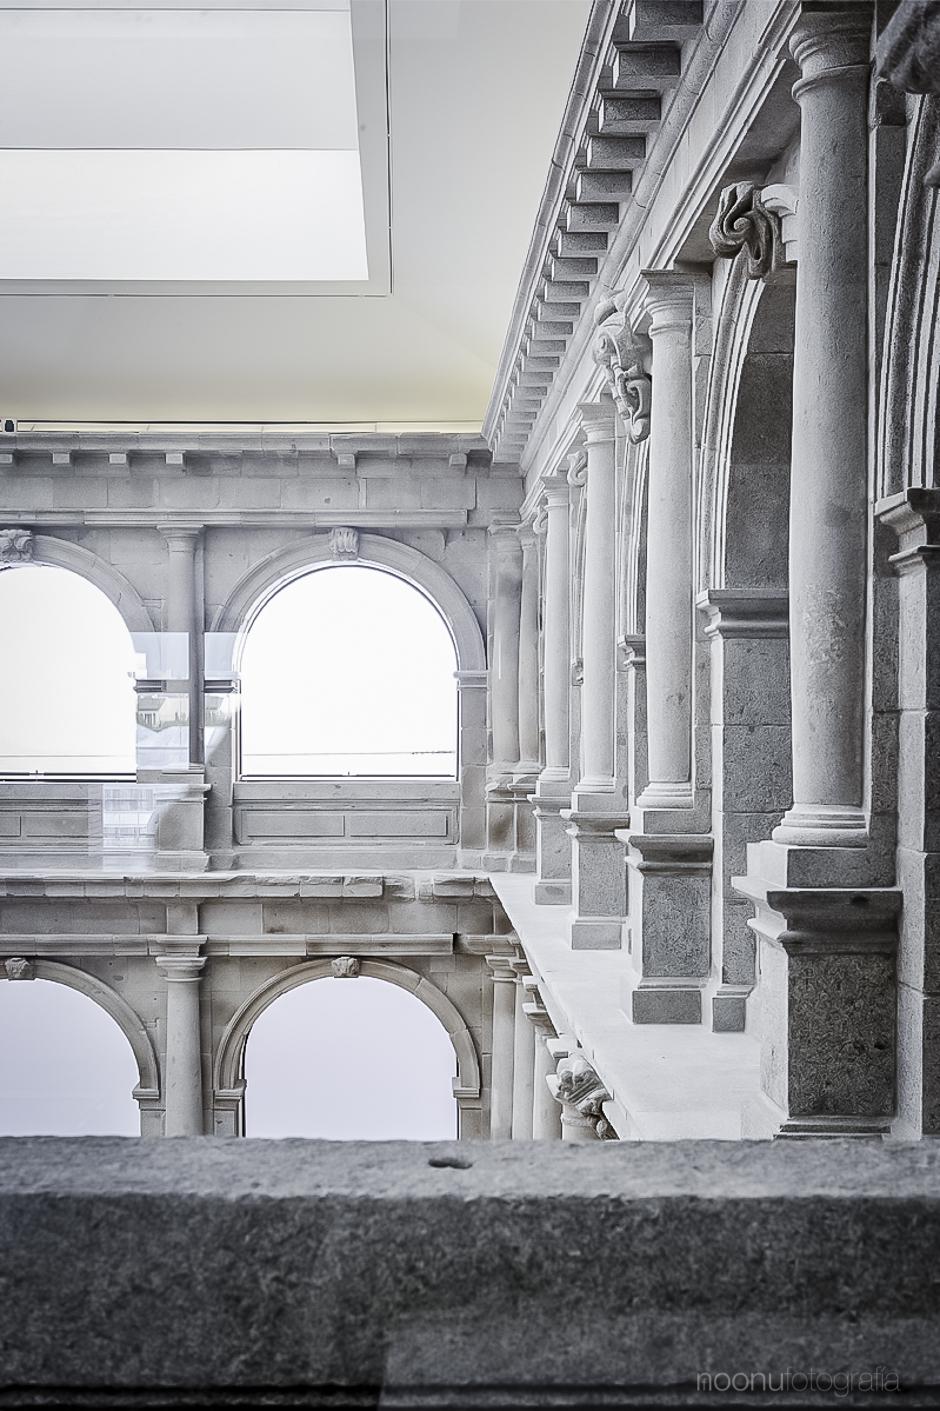 Noonu-fotografo-de-espacios-interiores-madrid-prado 5